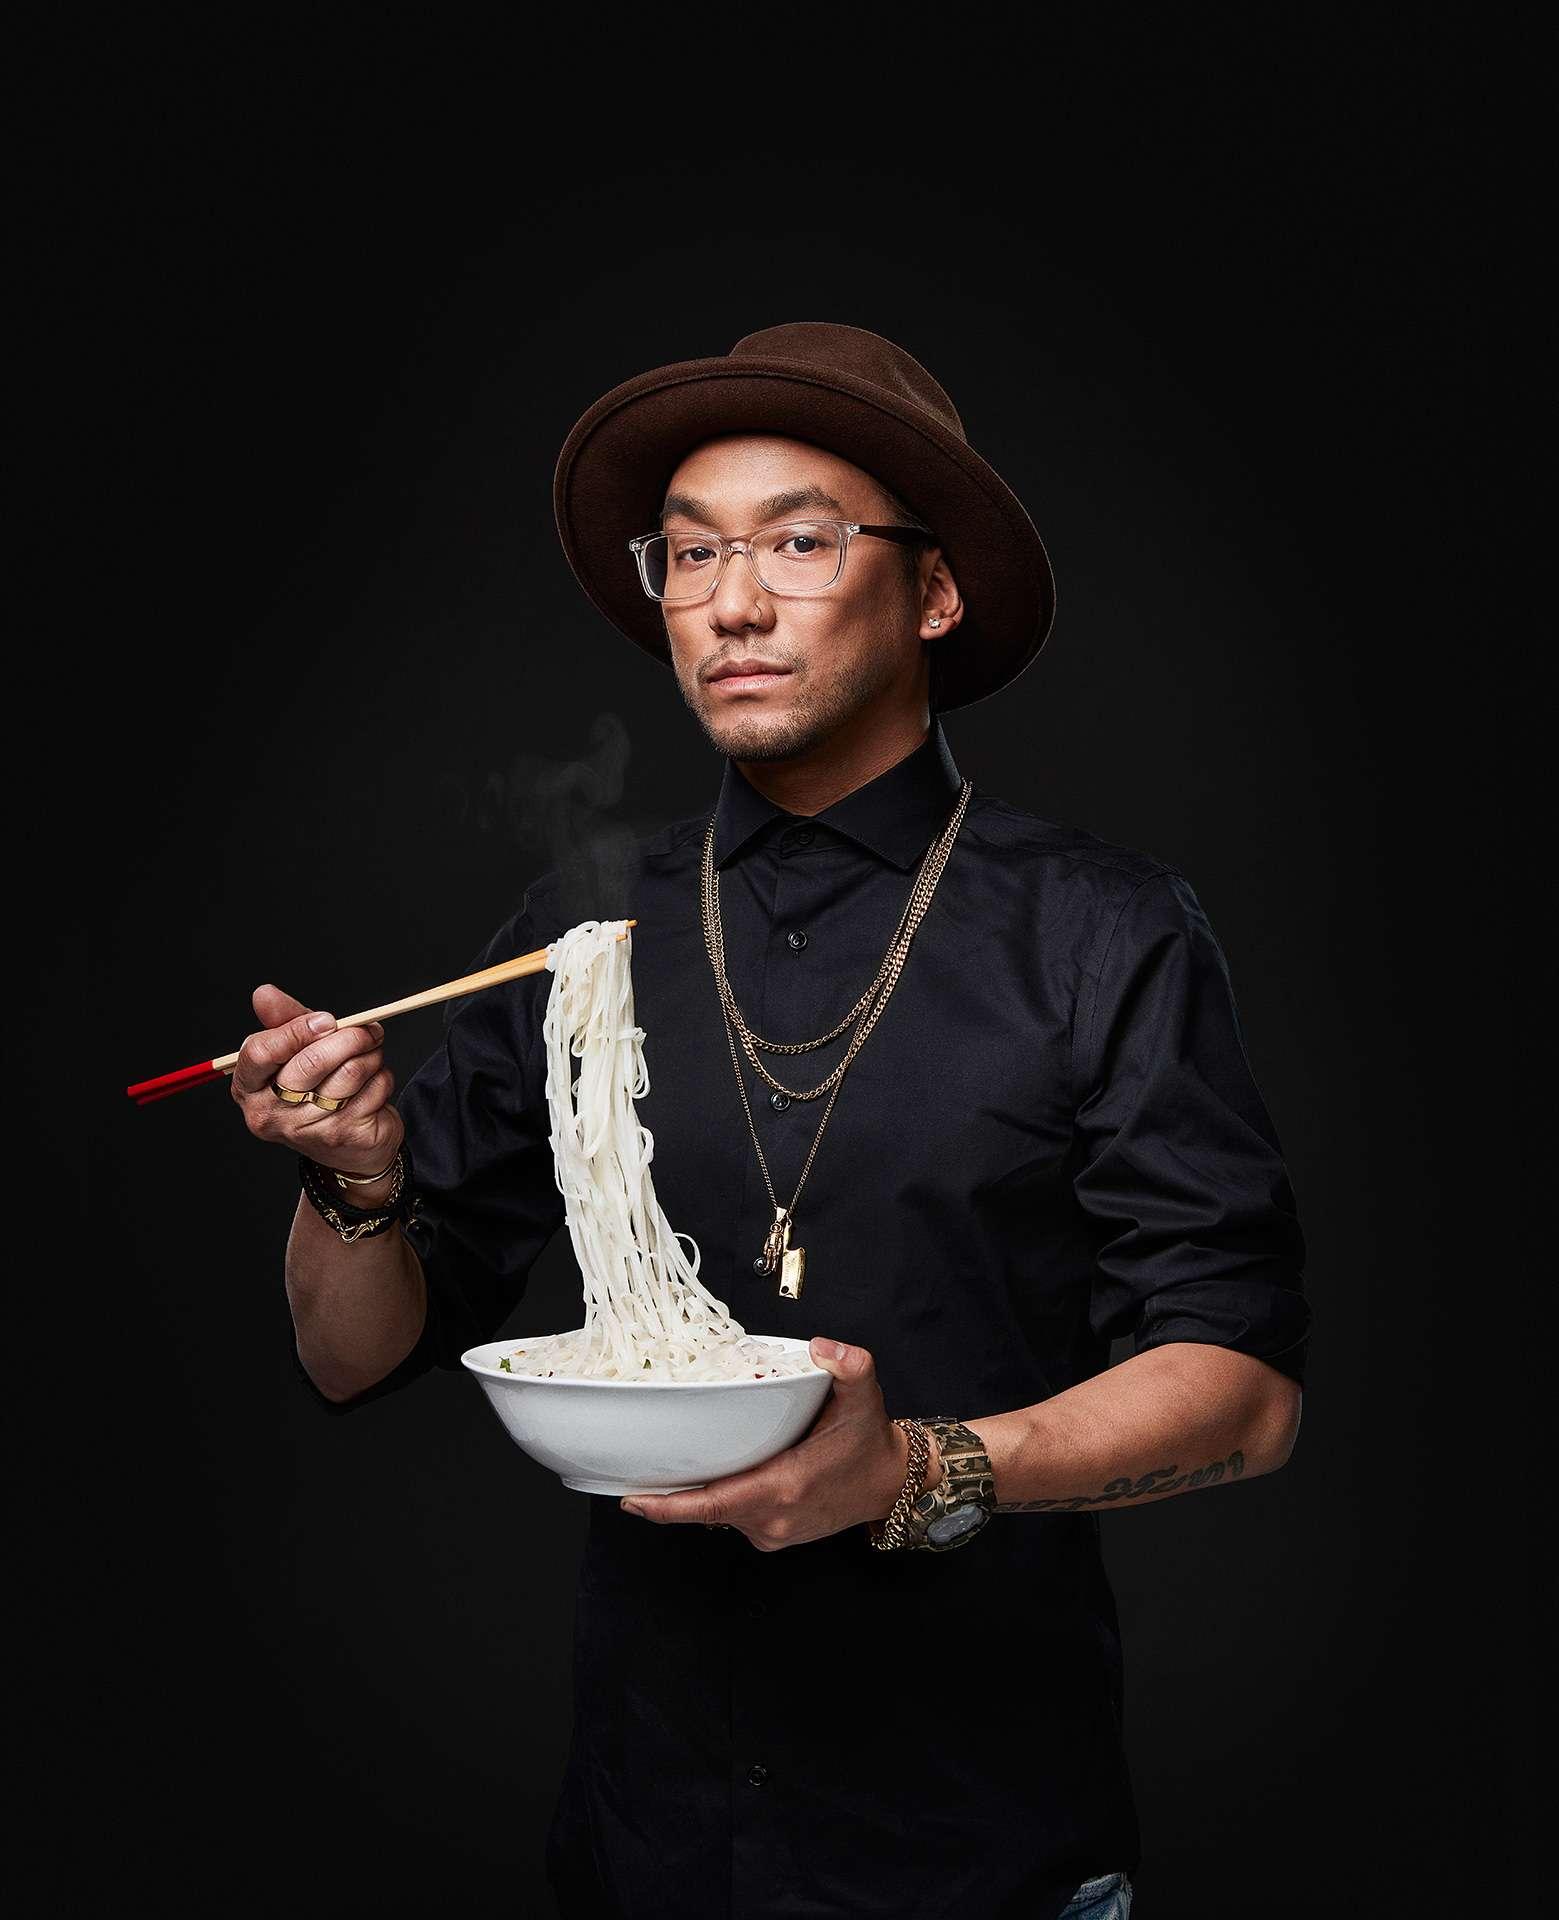 portrait du chef Ross Louangsignotha l'air posé portant des bijoux tenant des baguettes et un bol levant des nouilles de riz vers sa bouche par Jocelyn Michel pour le Cathcart